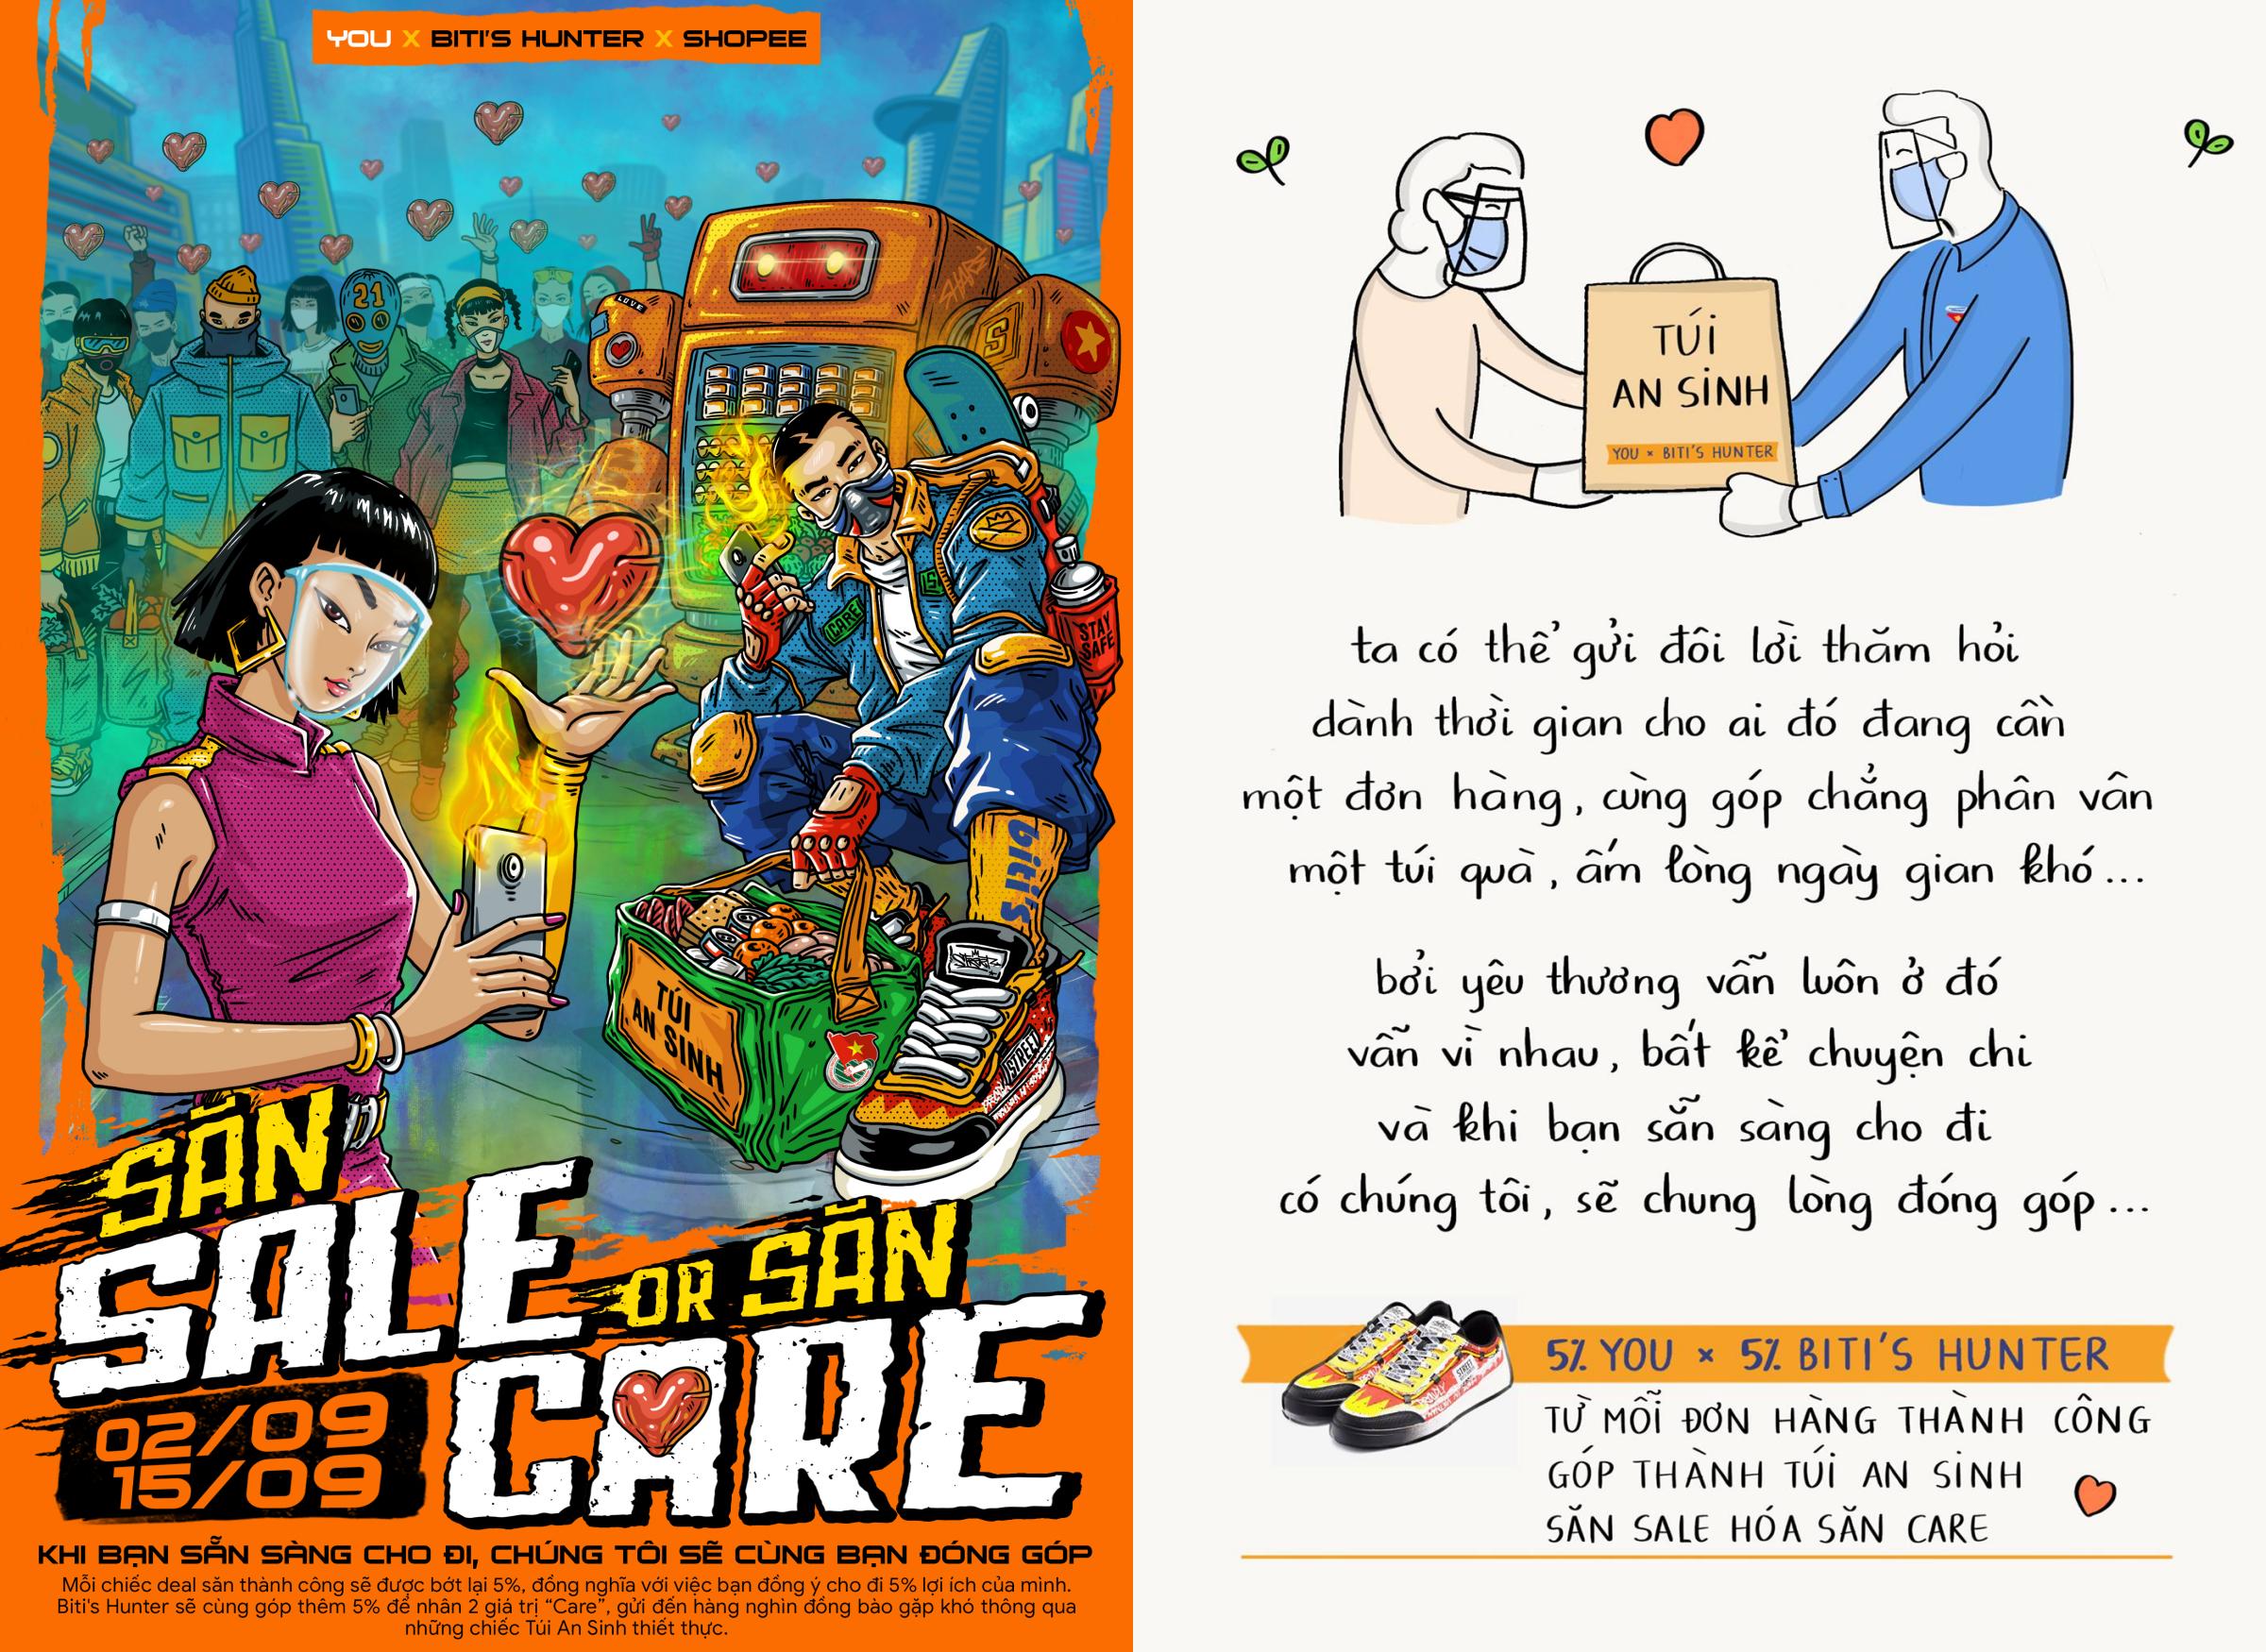 Poster phát động chương trình Săn sale or Săn care và bài thơ từ fanpage Lai Thượng Hưng chia sẻ về thông điệp Đóng góp và yêu thương.